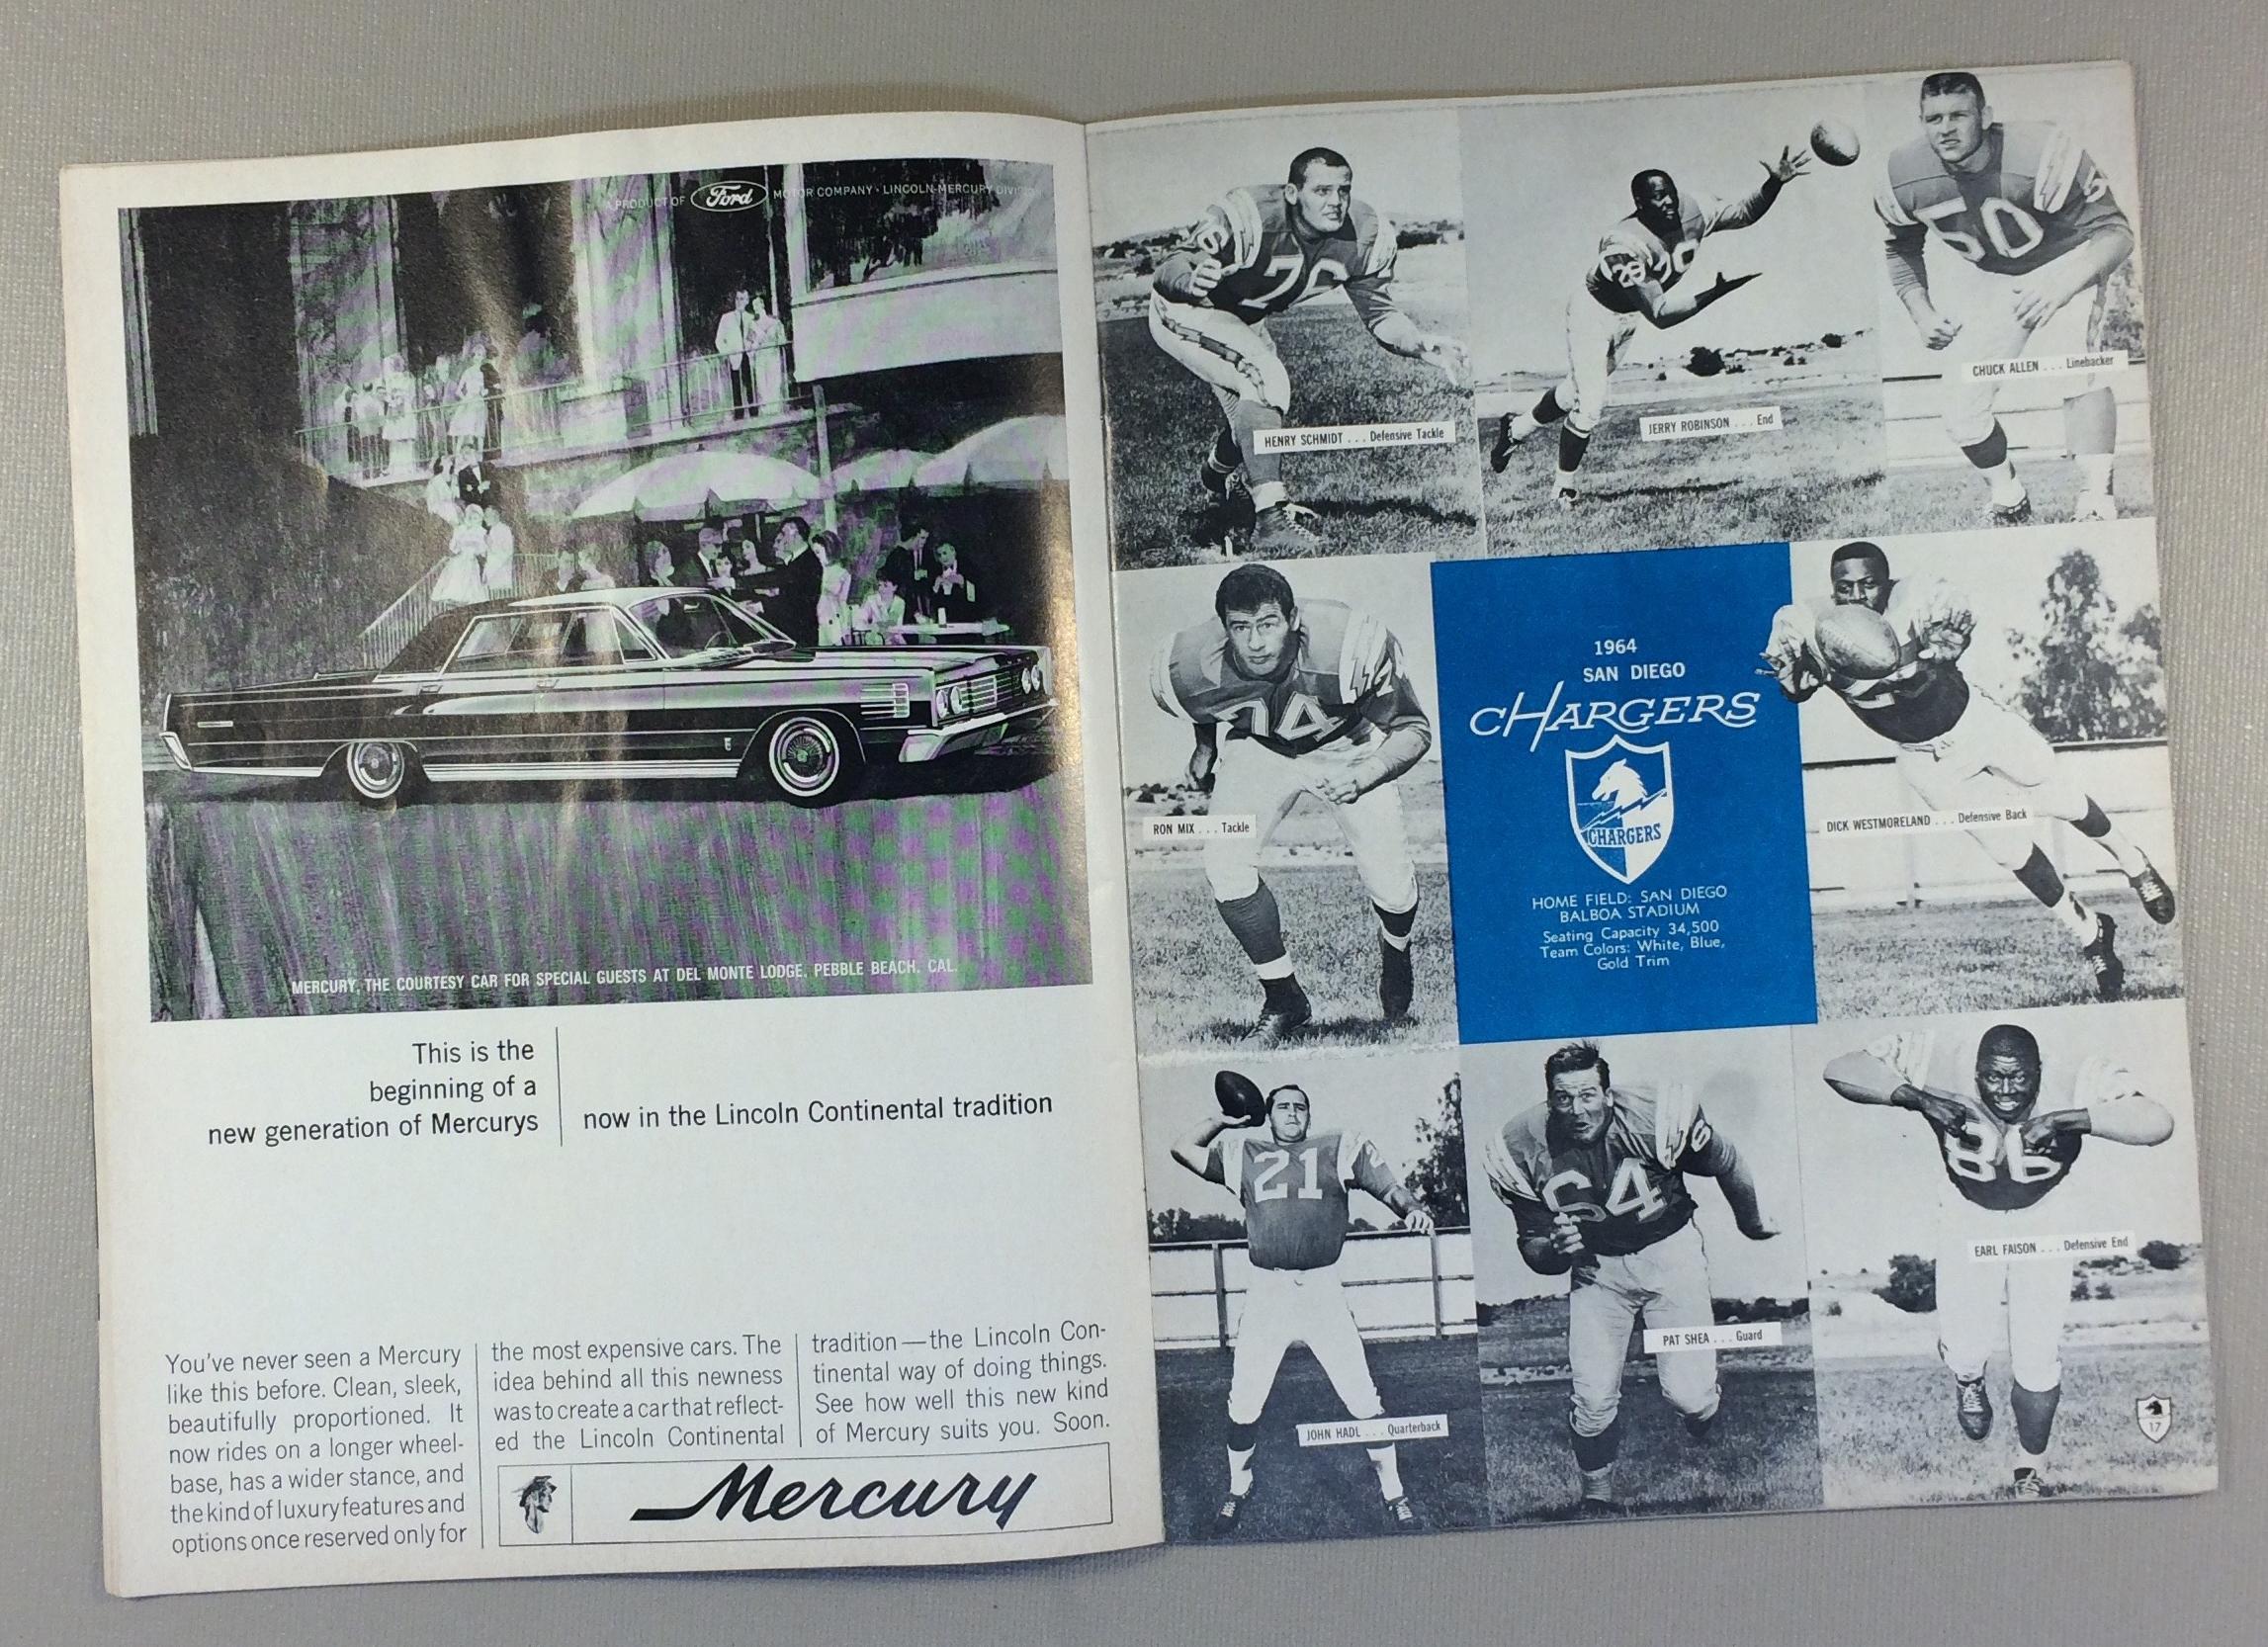 football_afl_chargers_bills_1964_B.jpg